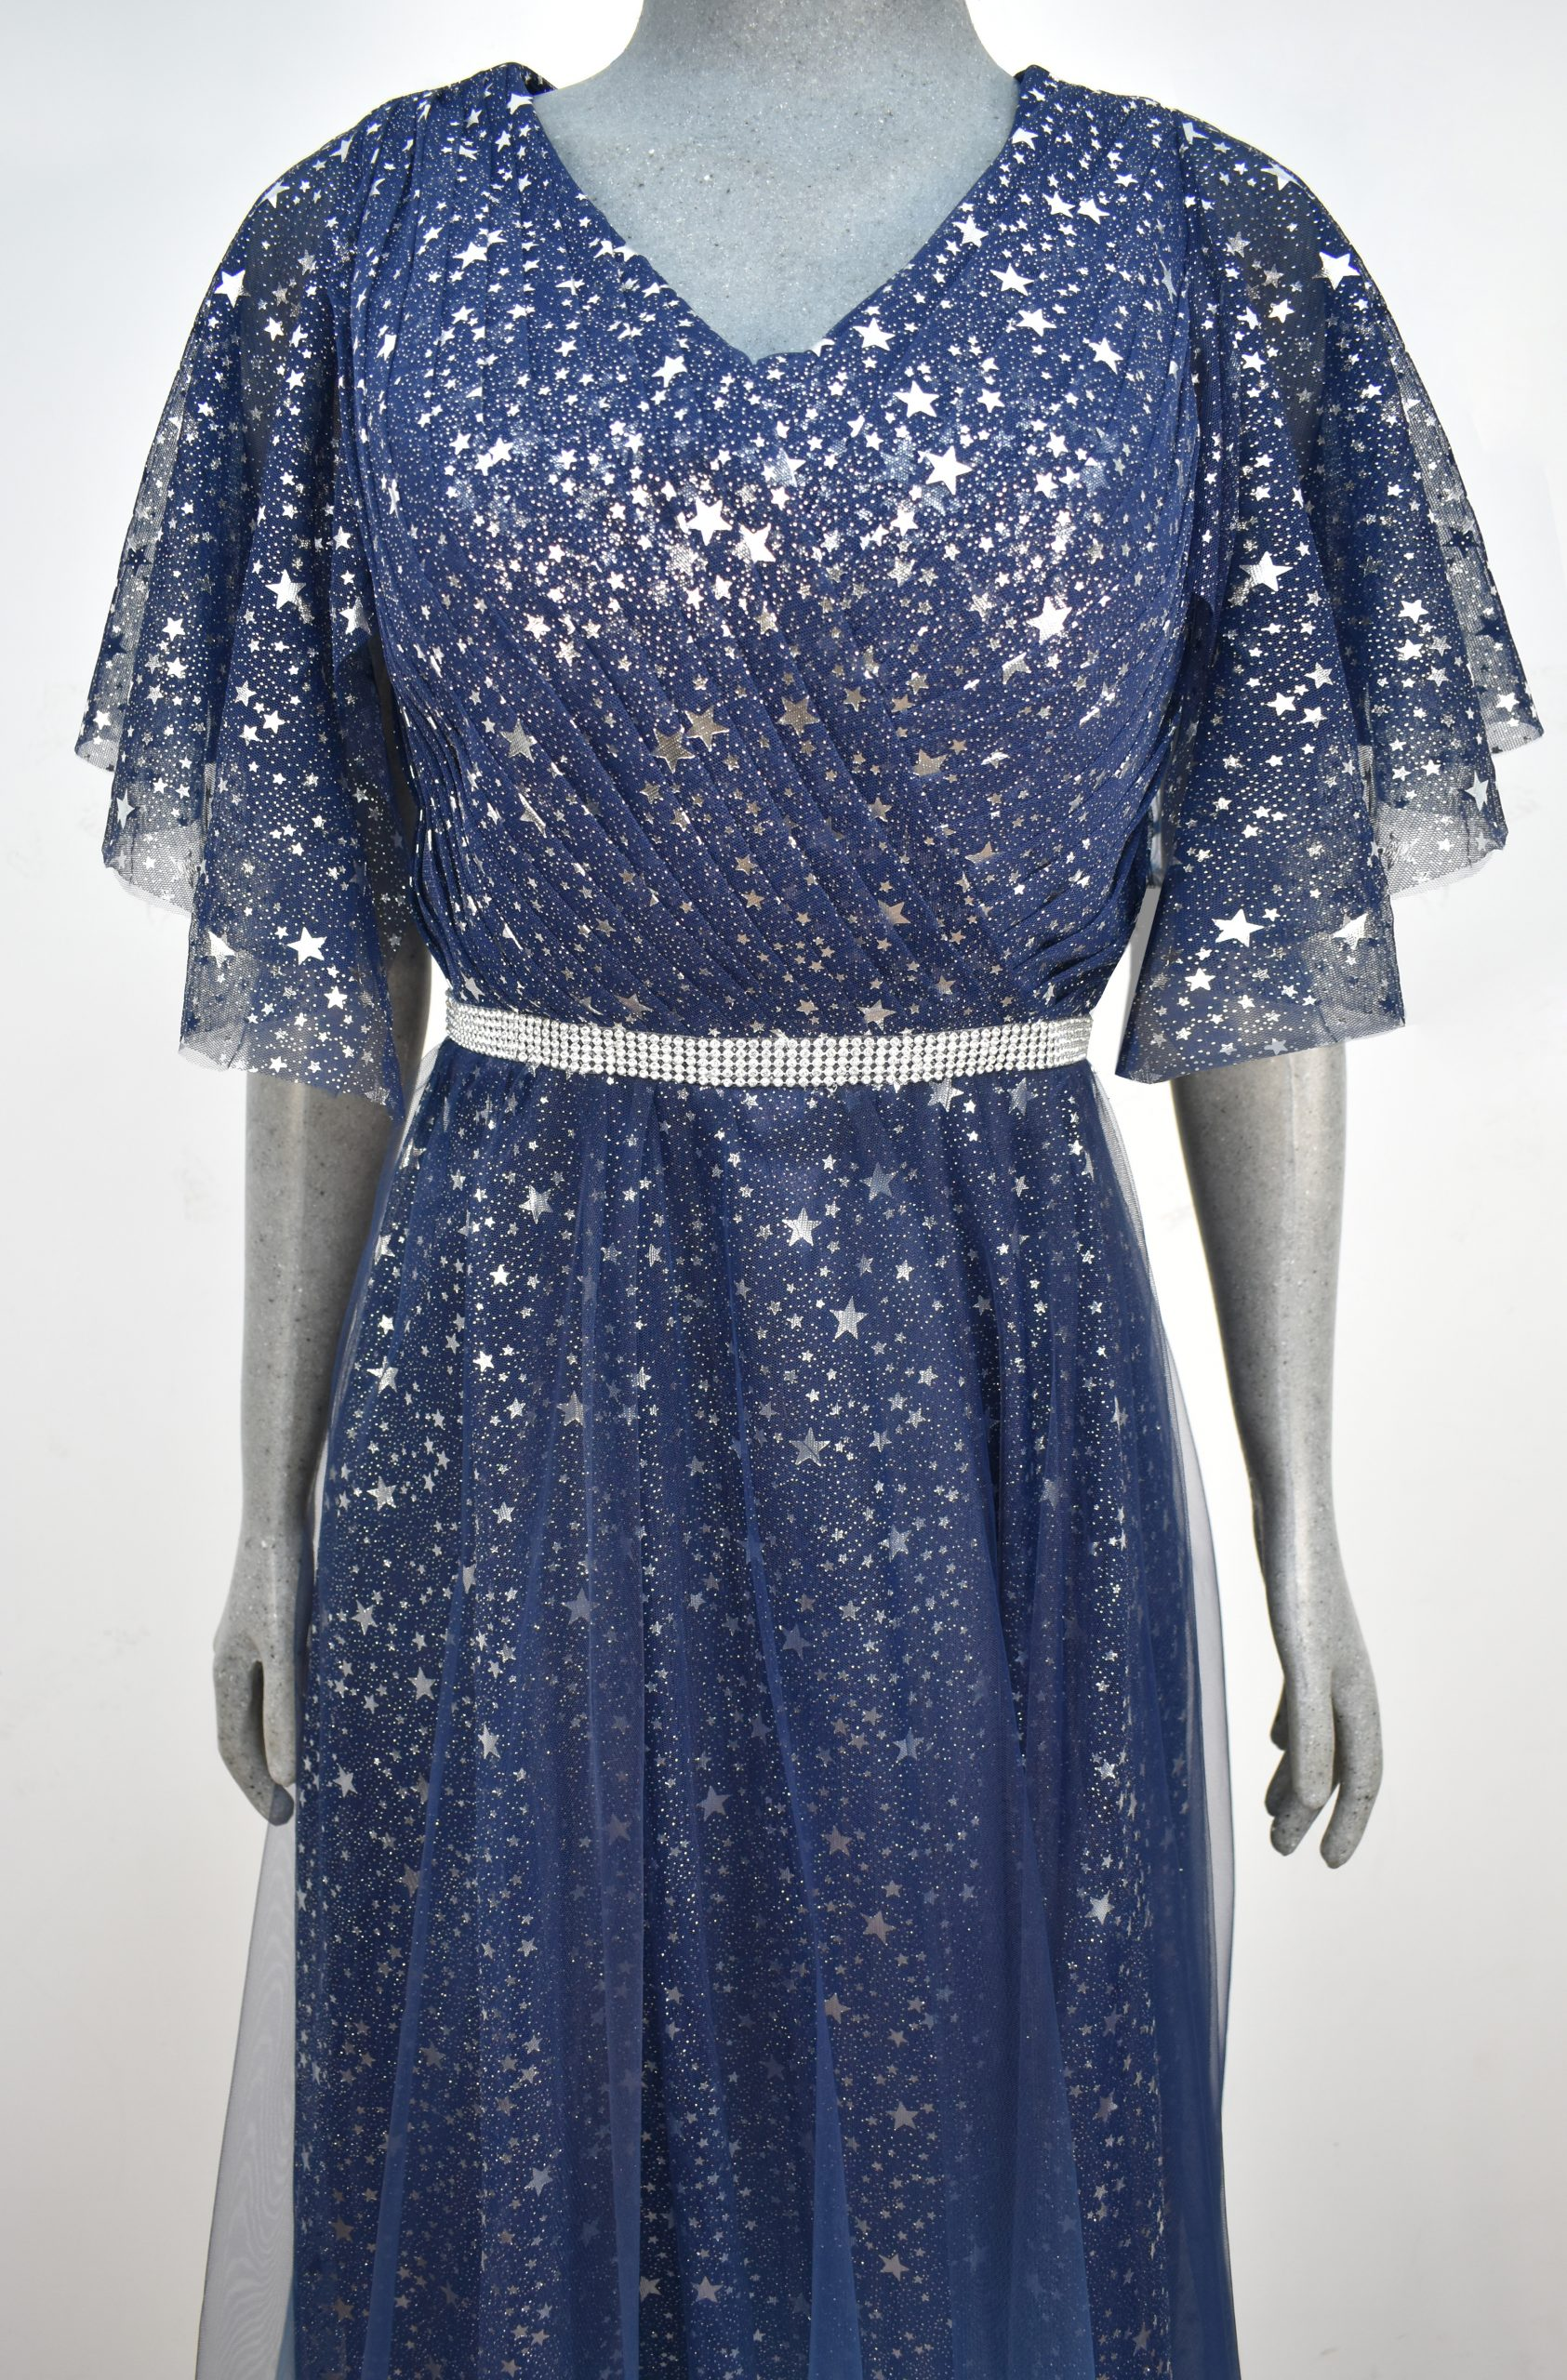 Renta de vestido de fiesta Largo Mod. VL204 color azul